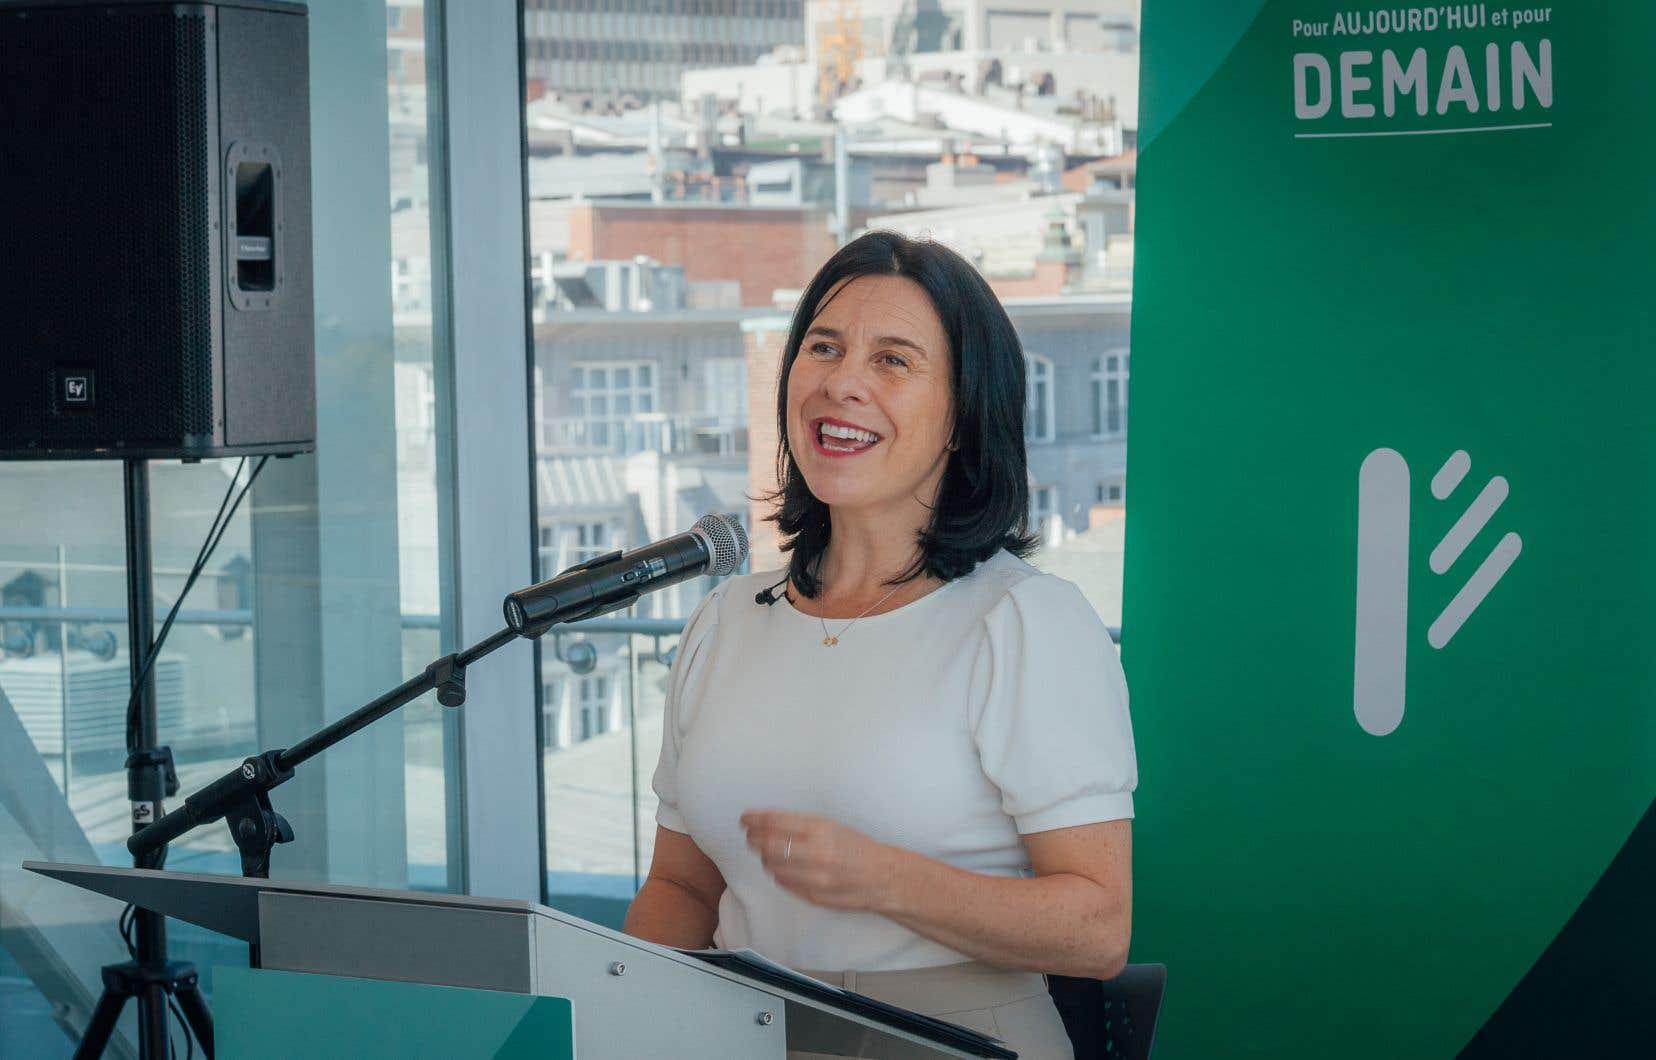 «On est aussi enthousiastes qu'en 2017, mais on a plus d'expérience», a soutenu Valérie Plante en dévoilant la plateforme électorale de son parti.